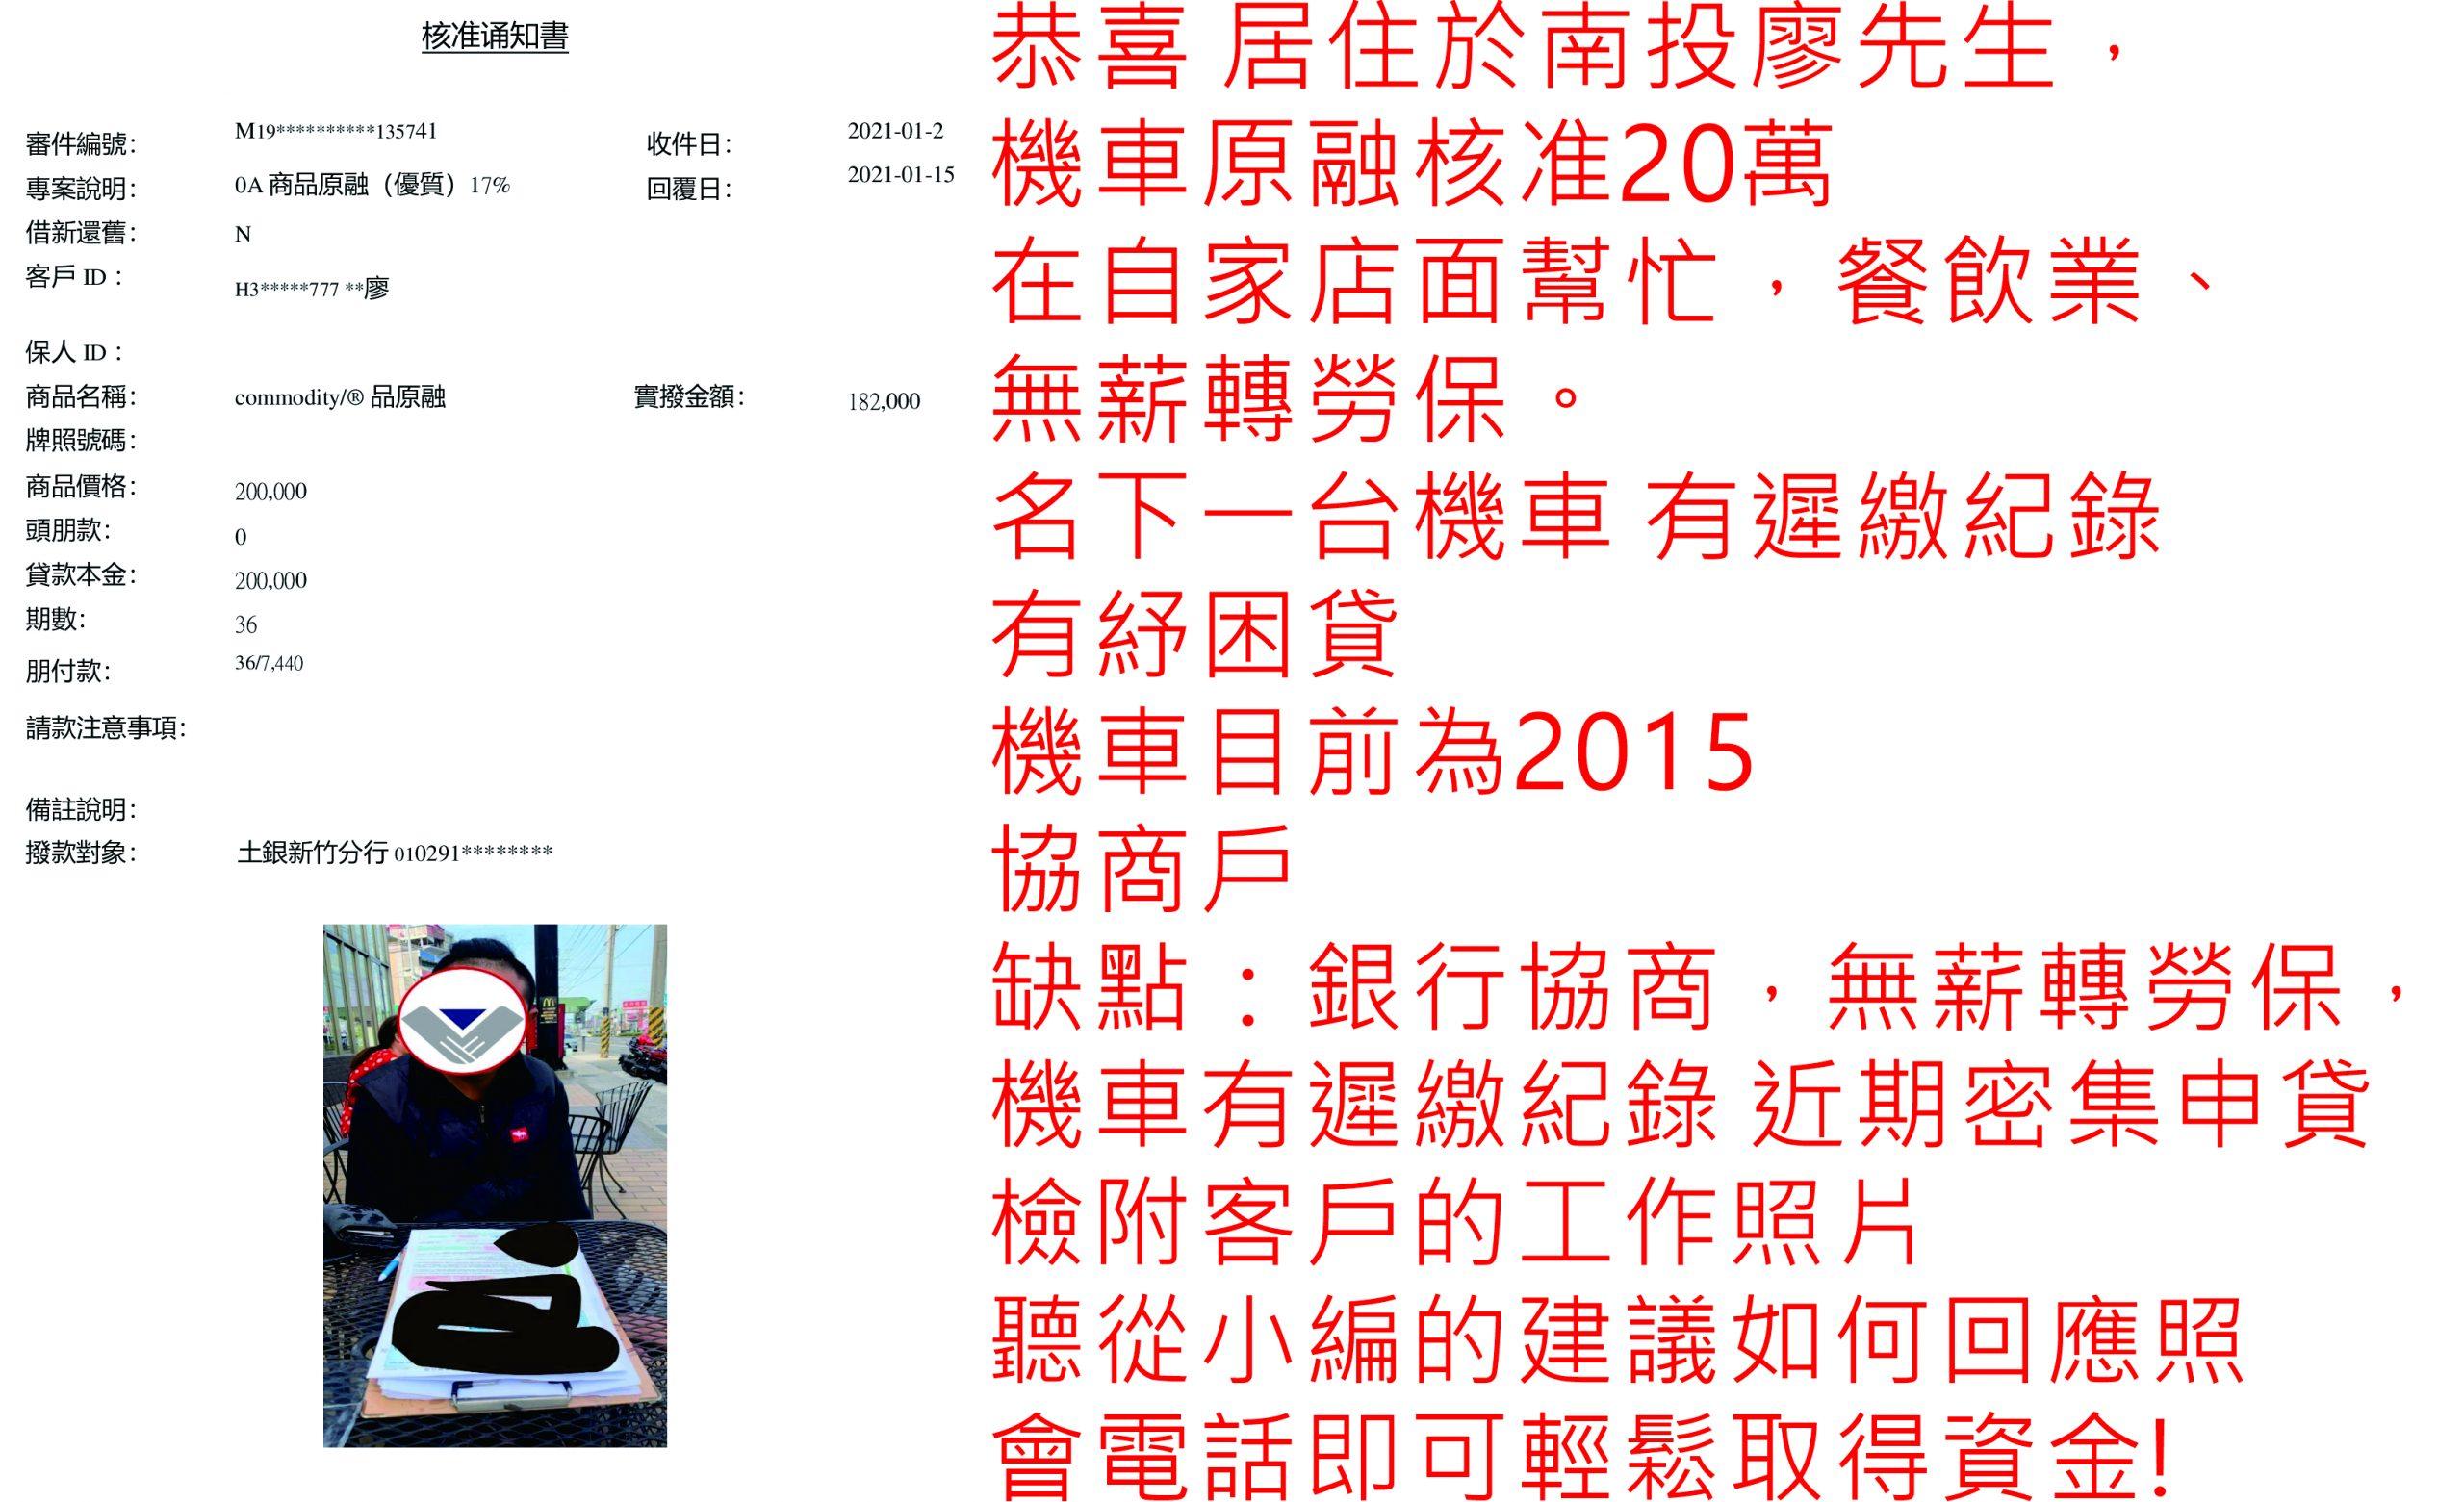 真心相貸機車貸款服務案例-南投廖先生核貸20萬元